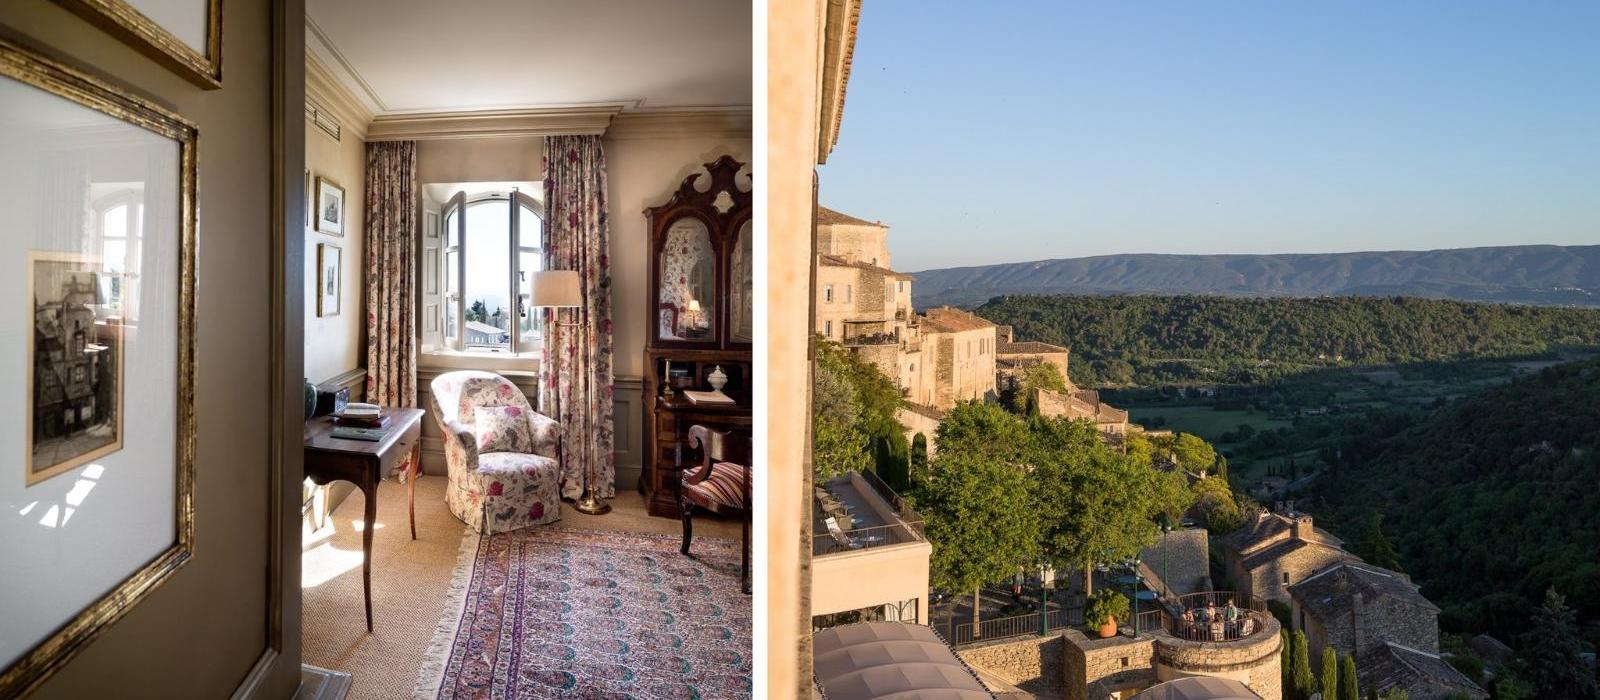 普罗旺斯戈尔德山庄酒店(La Bastide de Gordes) 图片  www.lhw.cn